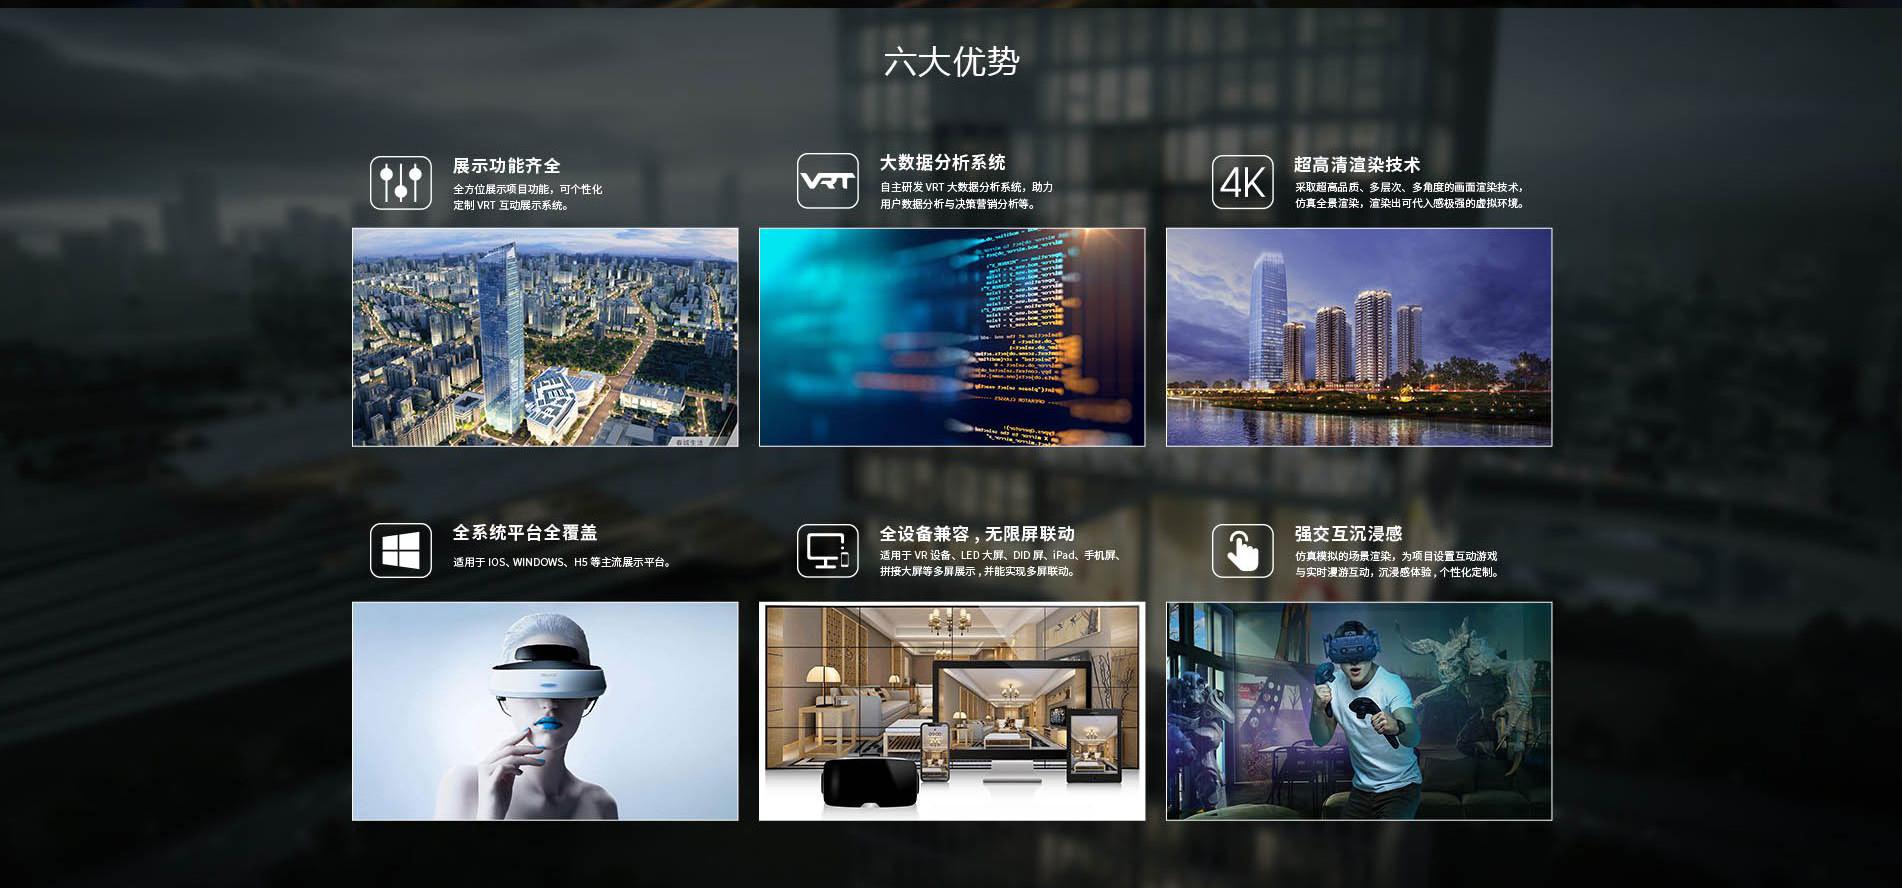 VR房地产